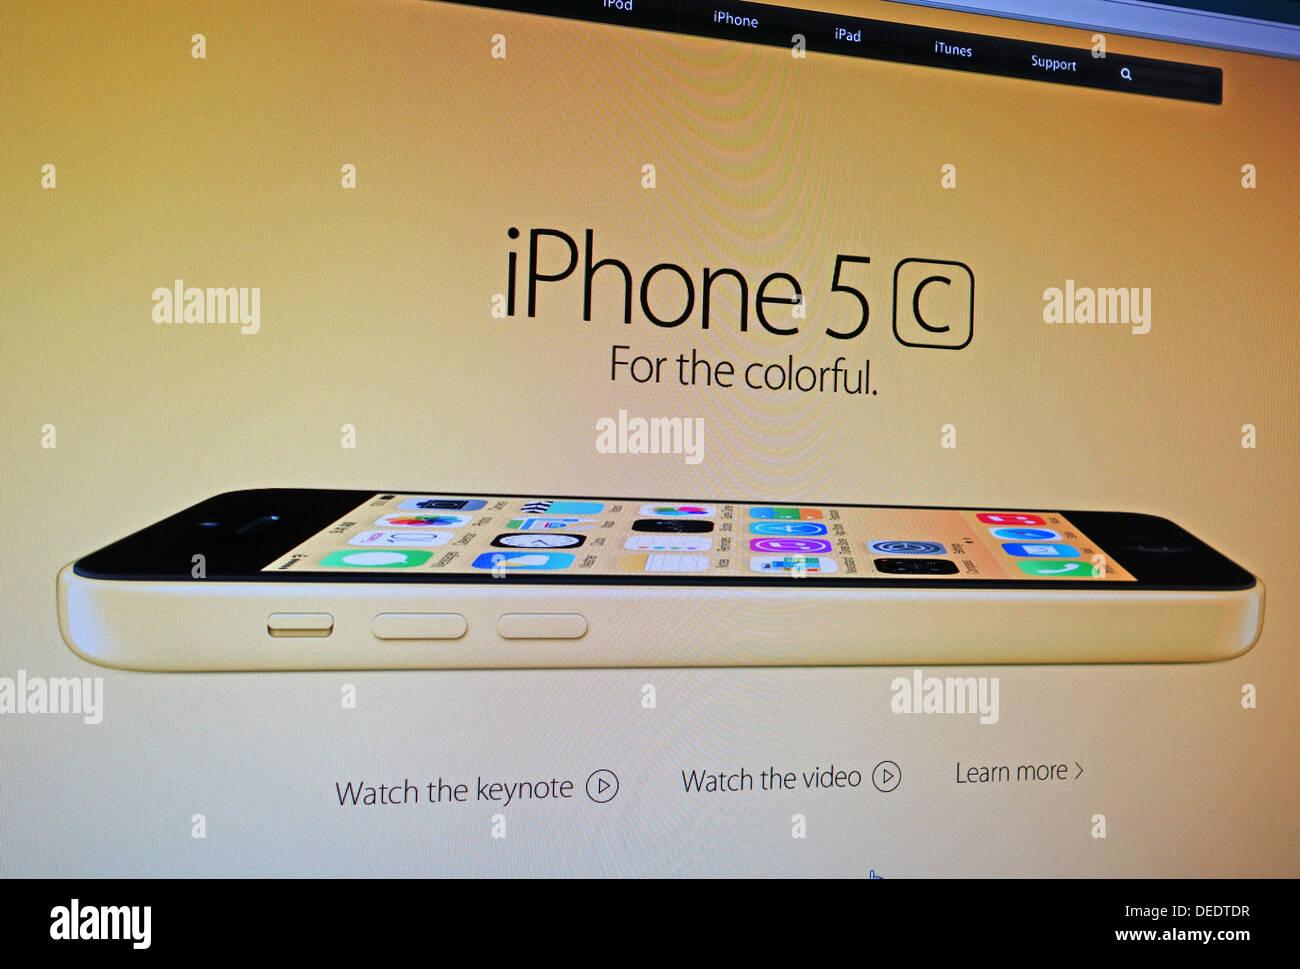 C'iPhone 5 Publicité internet Photo Stock